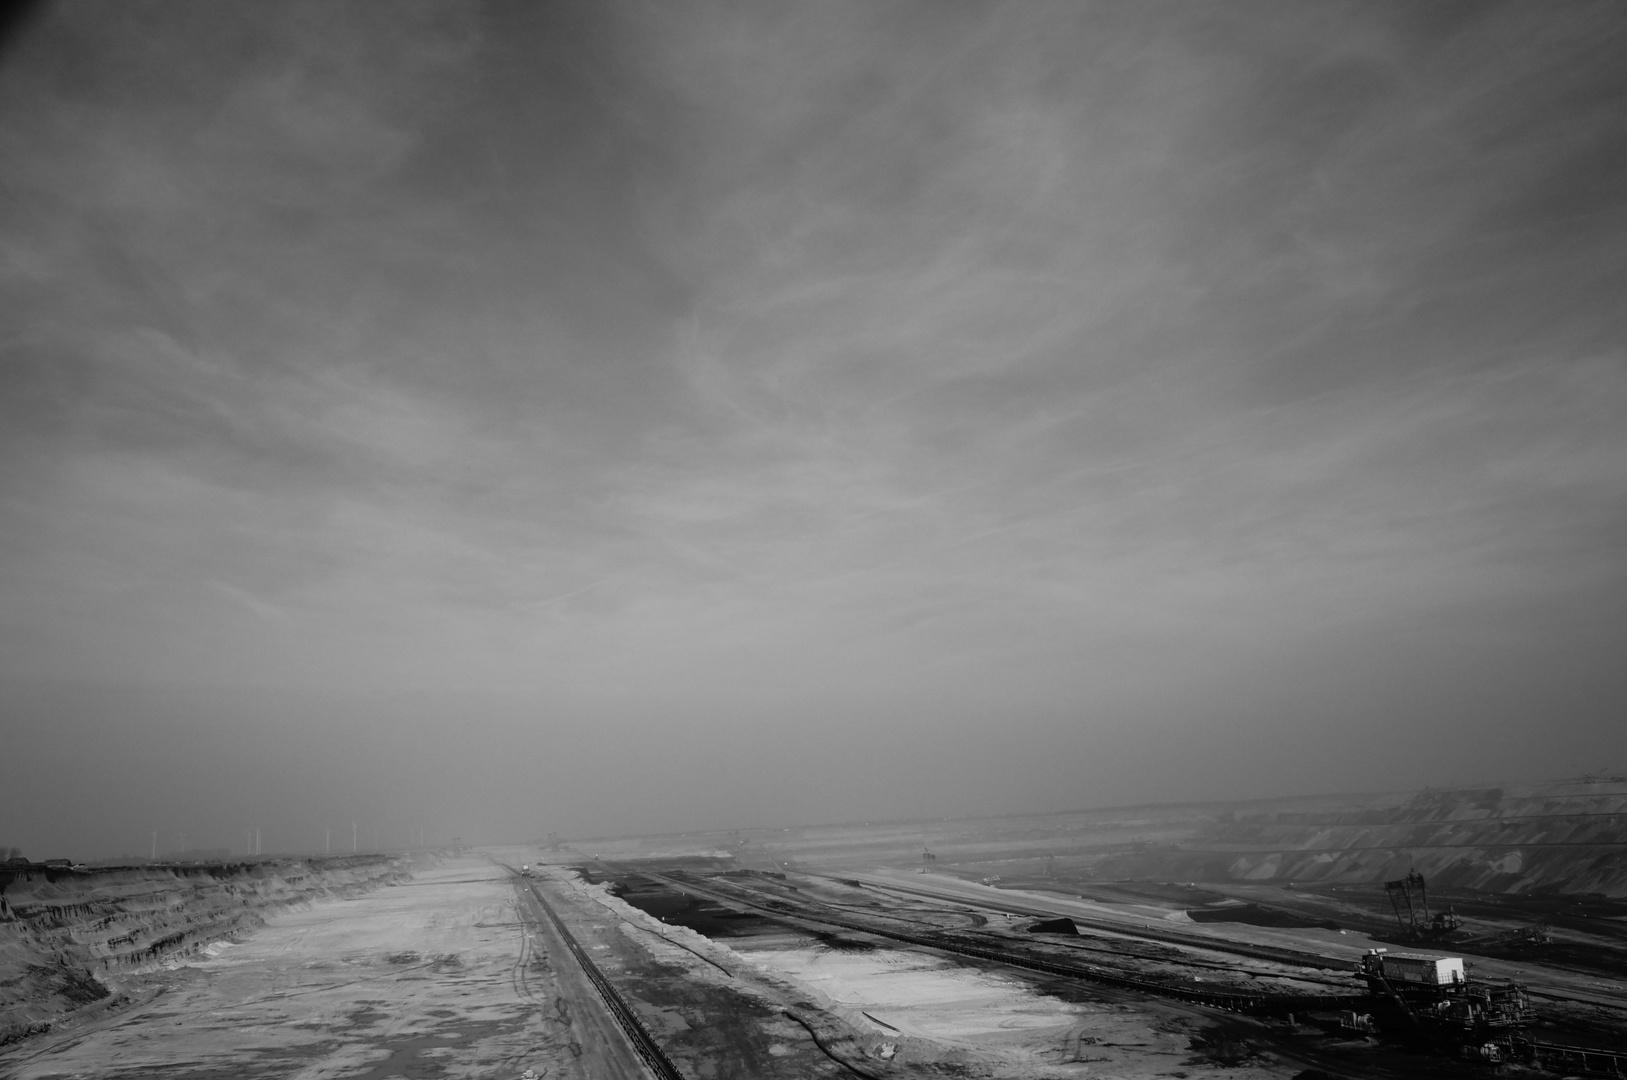 Gory & Sky (b/w)